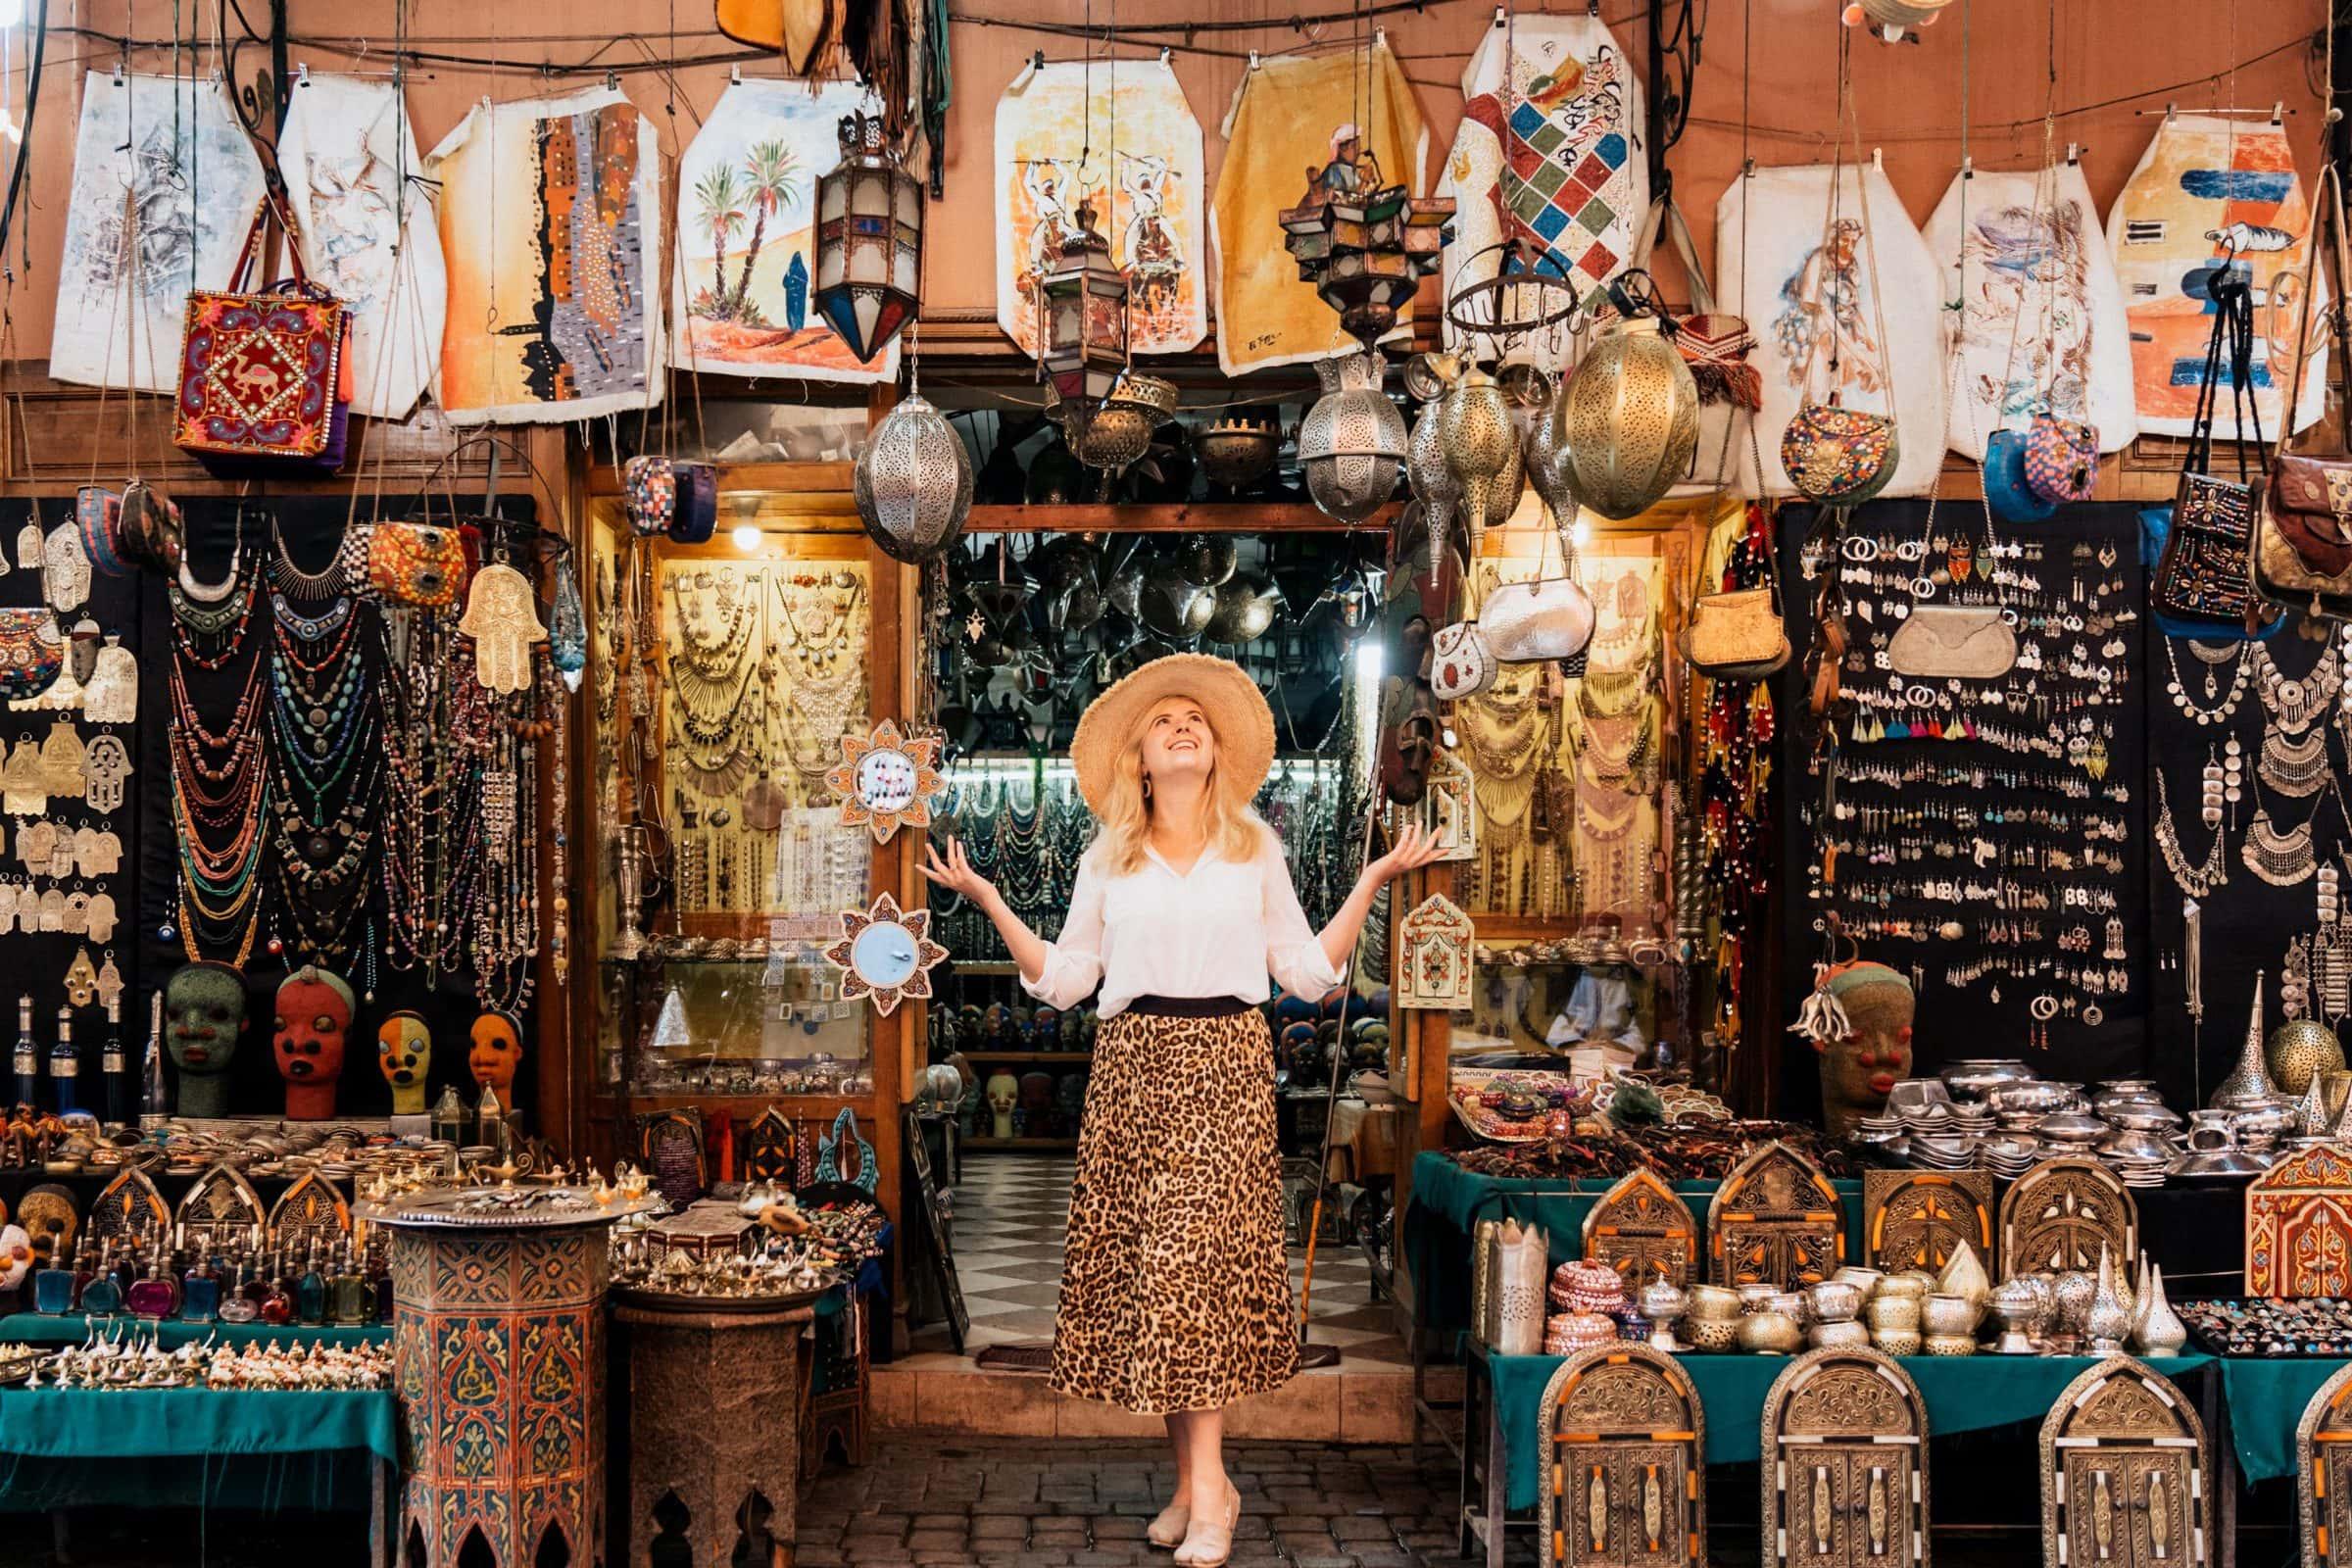 Bill Marrakech 15 scaled - Mijn Marrakech tips: 10 bezienswaardigheden die je niet mag overslaan op je stedentrip